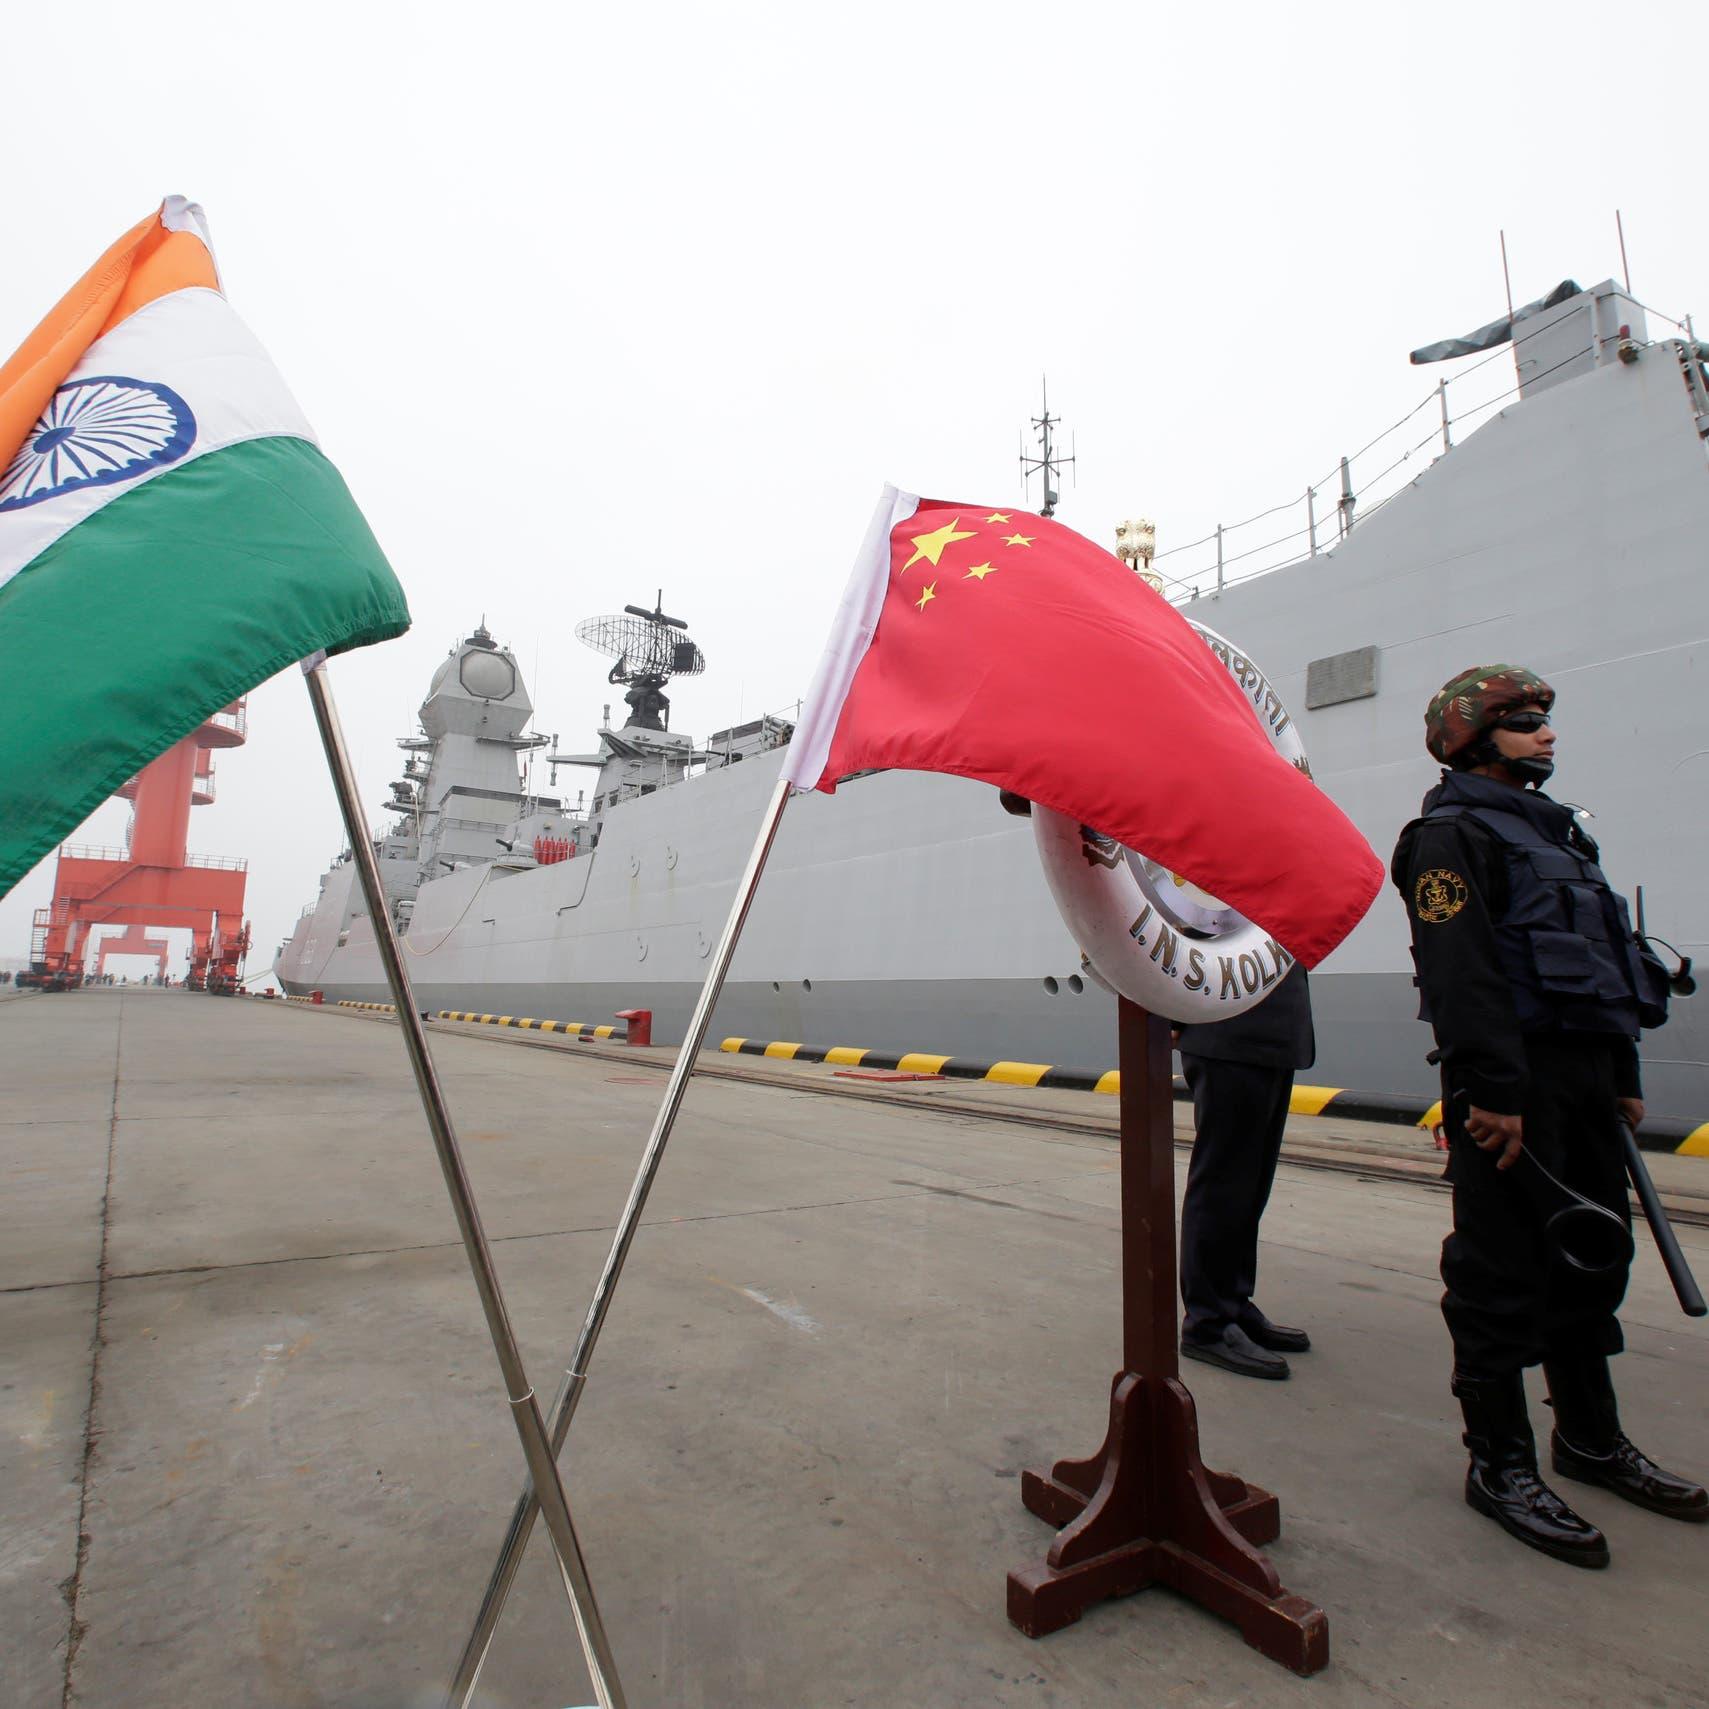 الصين والهند تجريان محادثات عسكرية بعد اشتباك حدودي دام